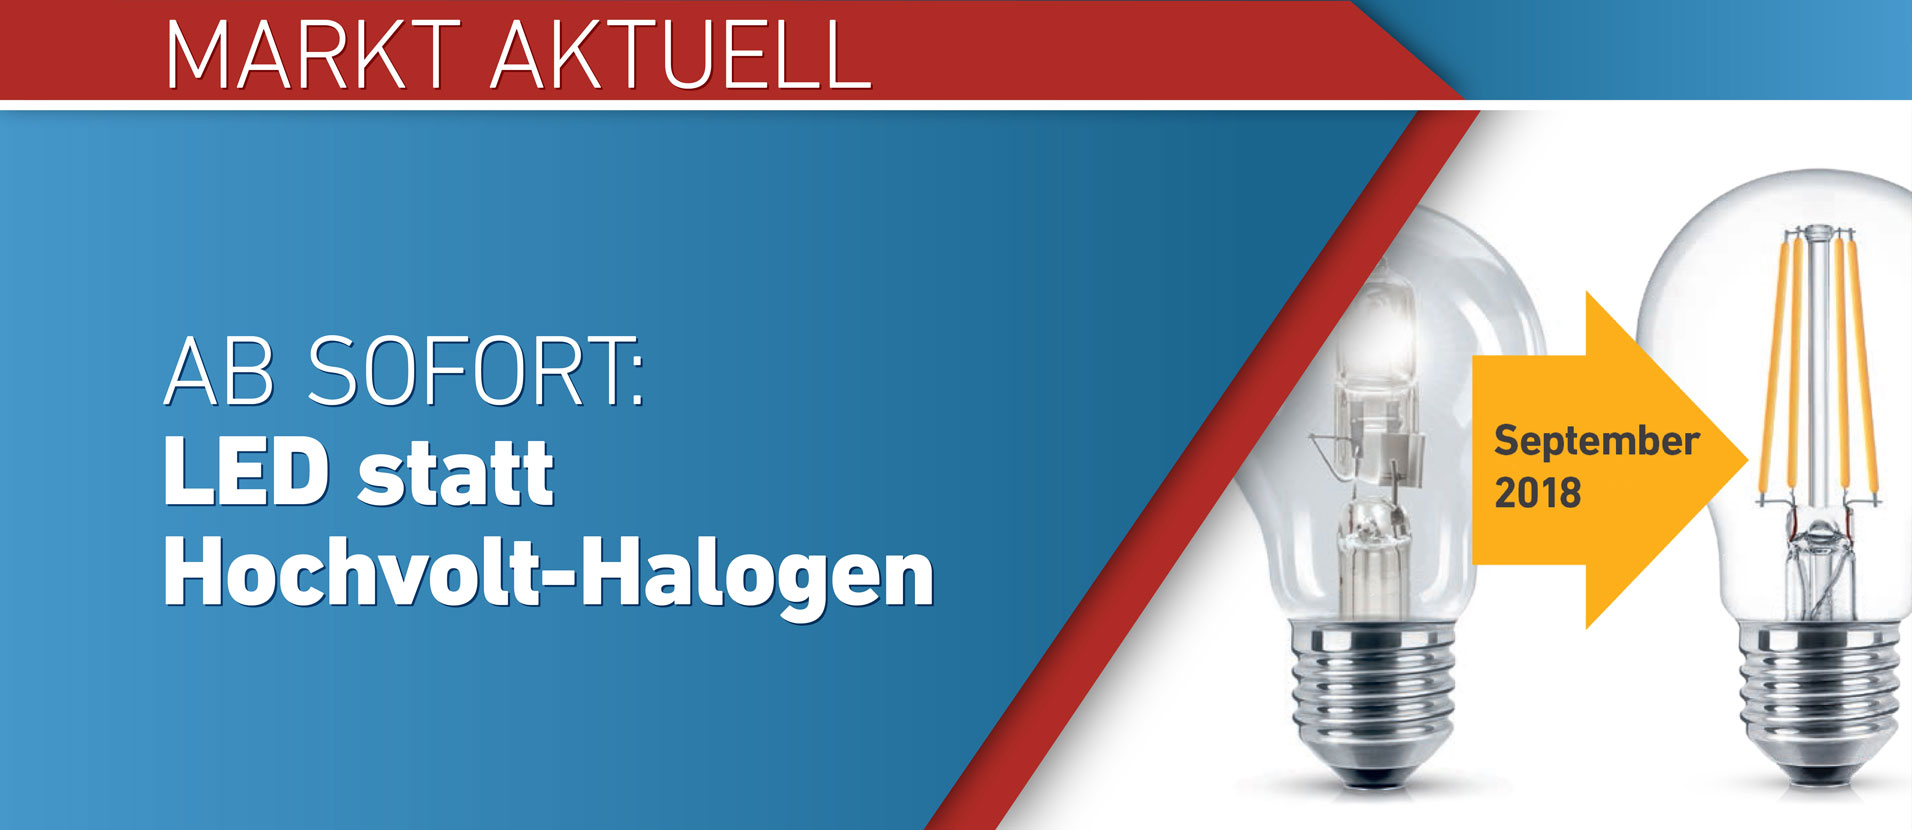 LED statt Hochvolt-Halogen